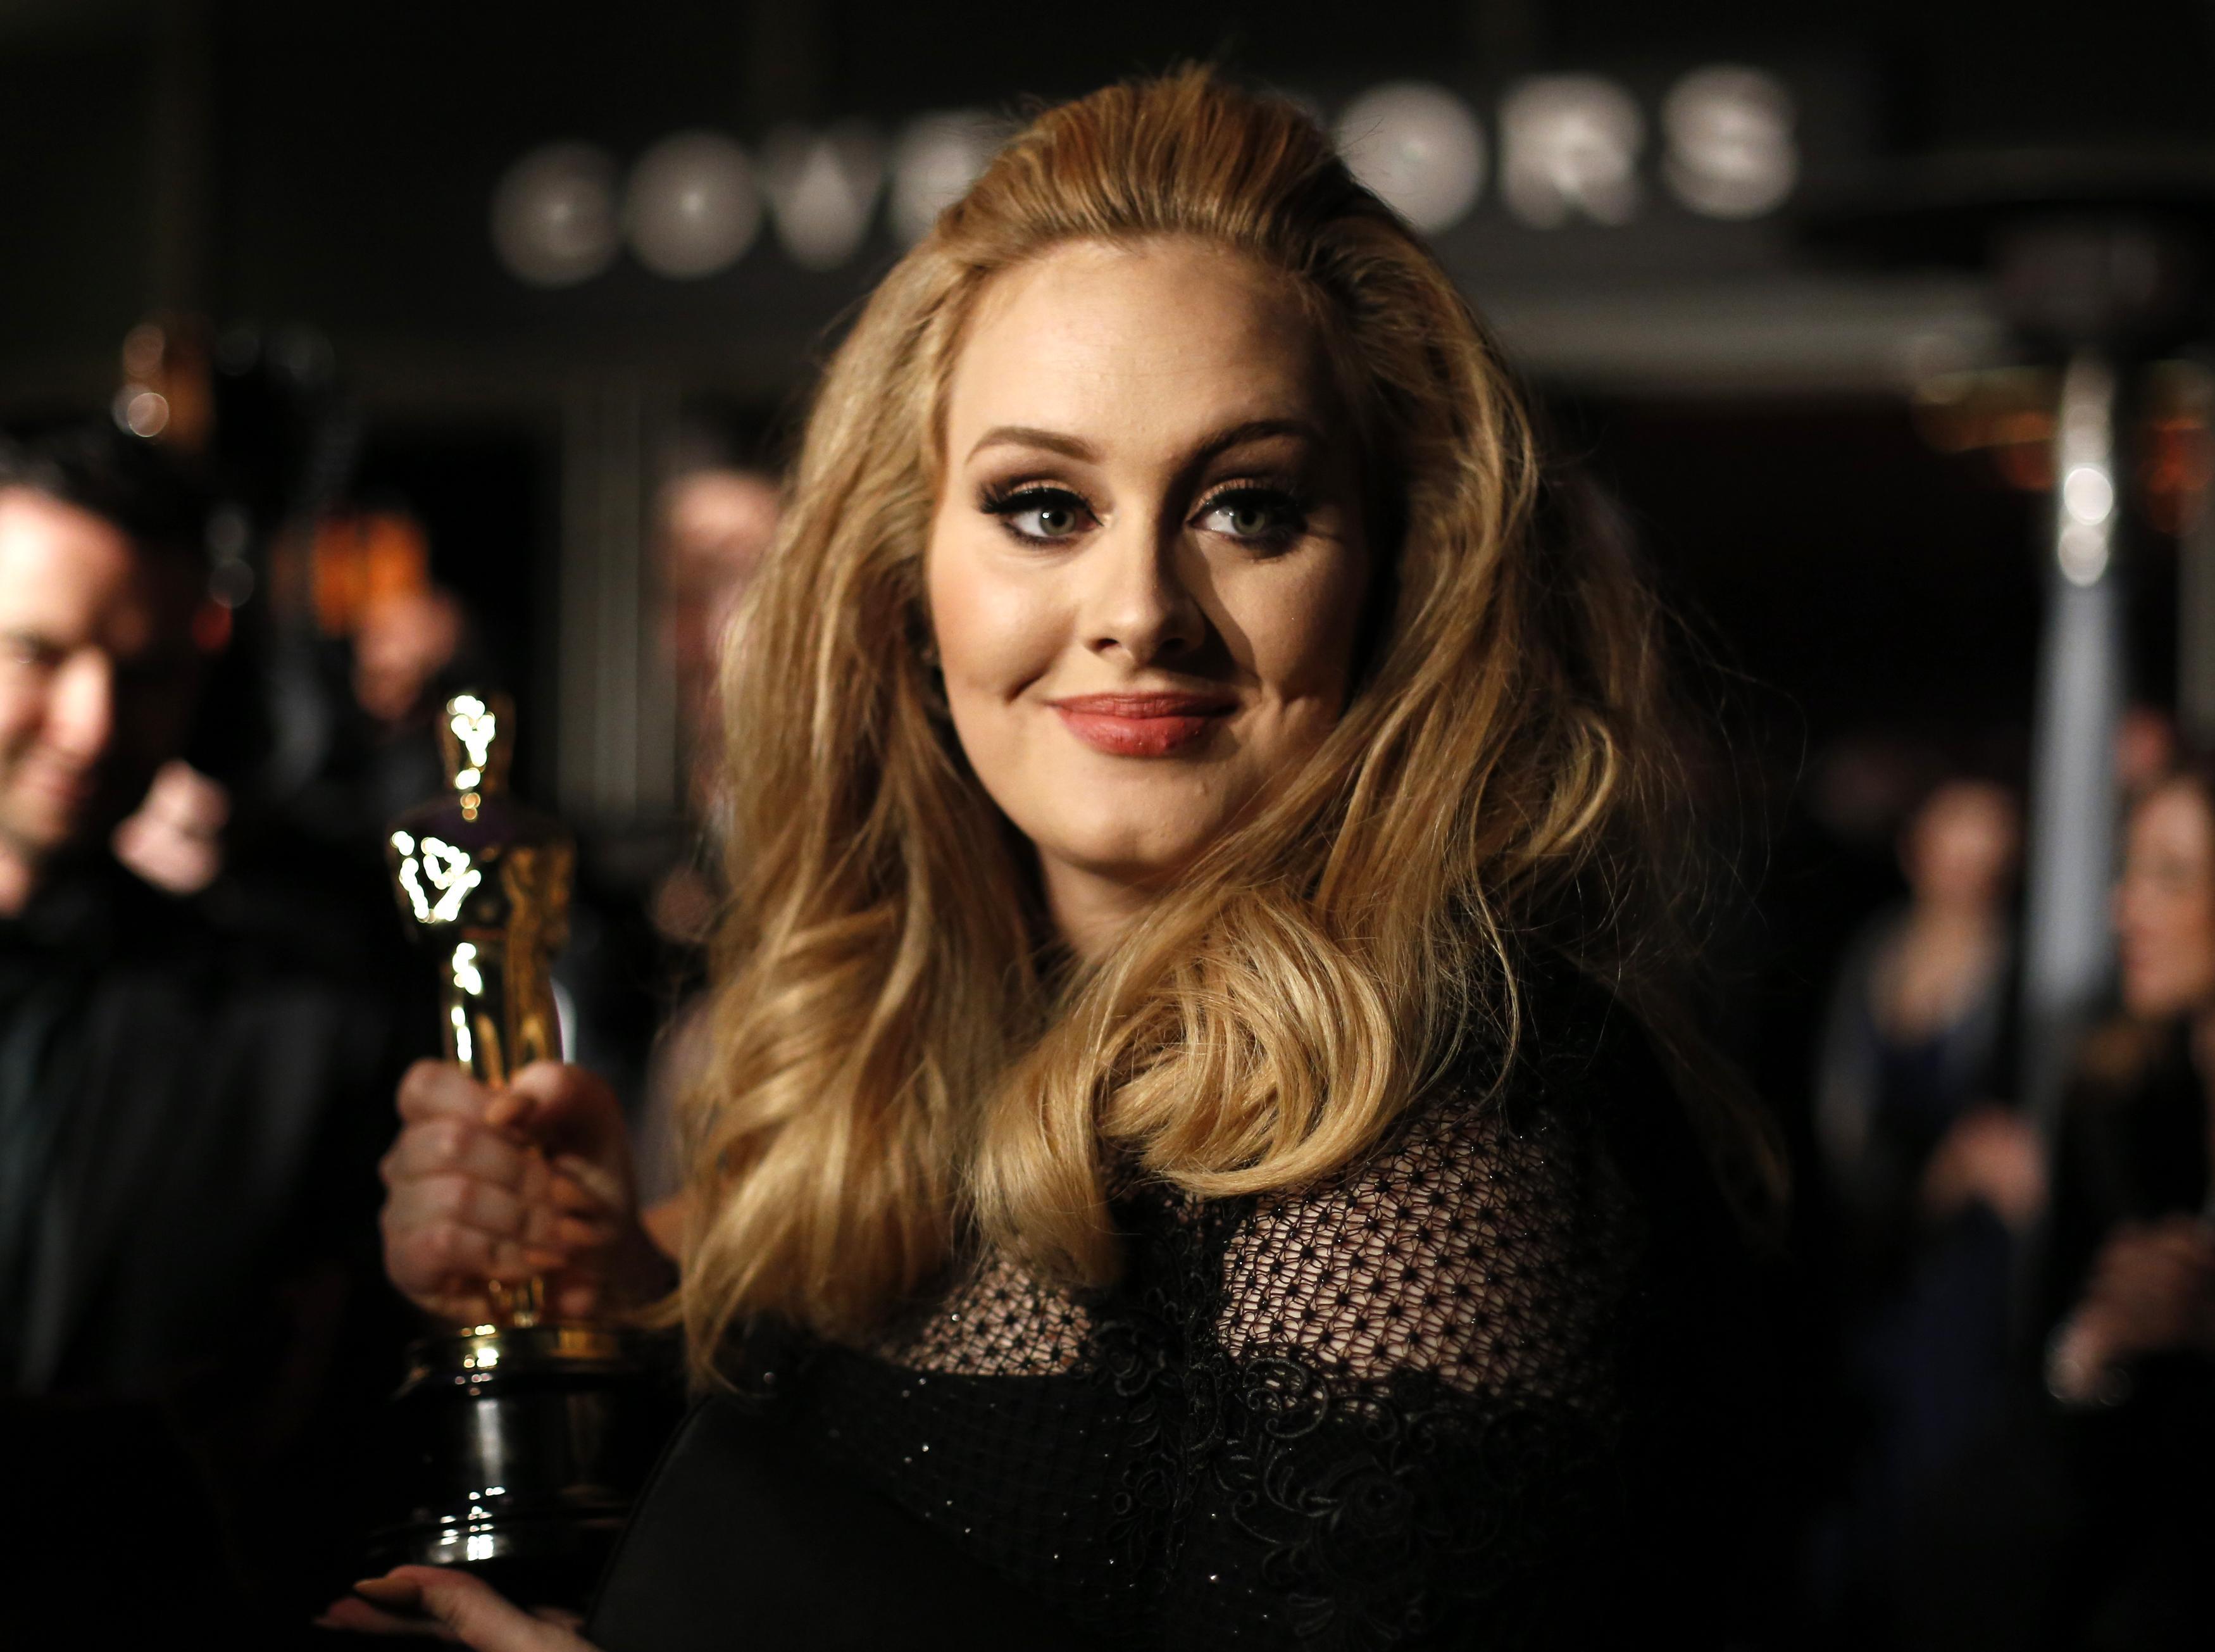 [10:51] Singer Adele